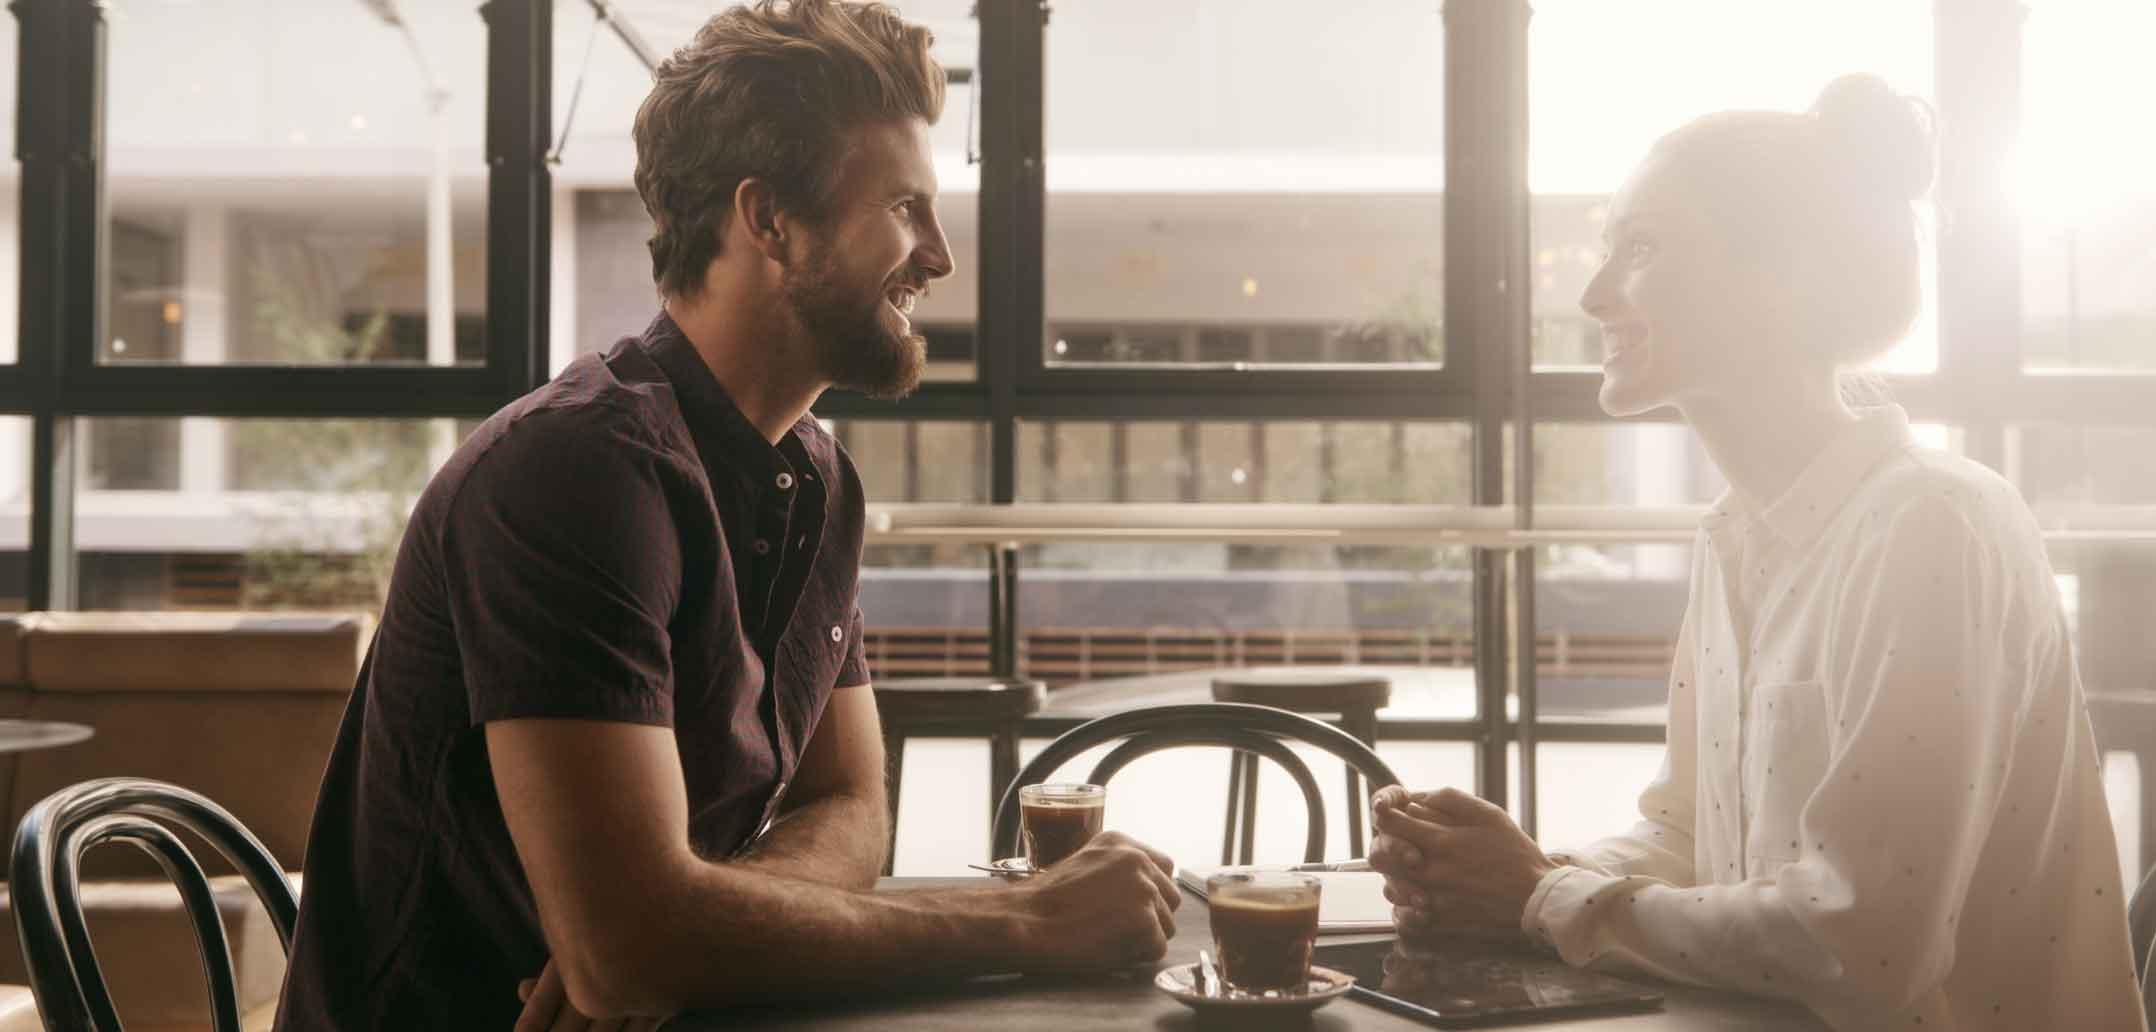 Bilder ineinander verschmelzen online dating